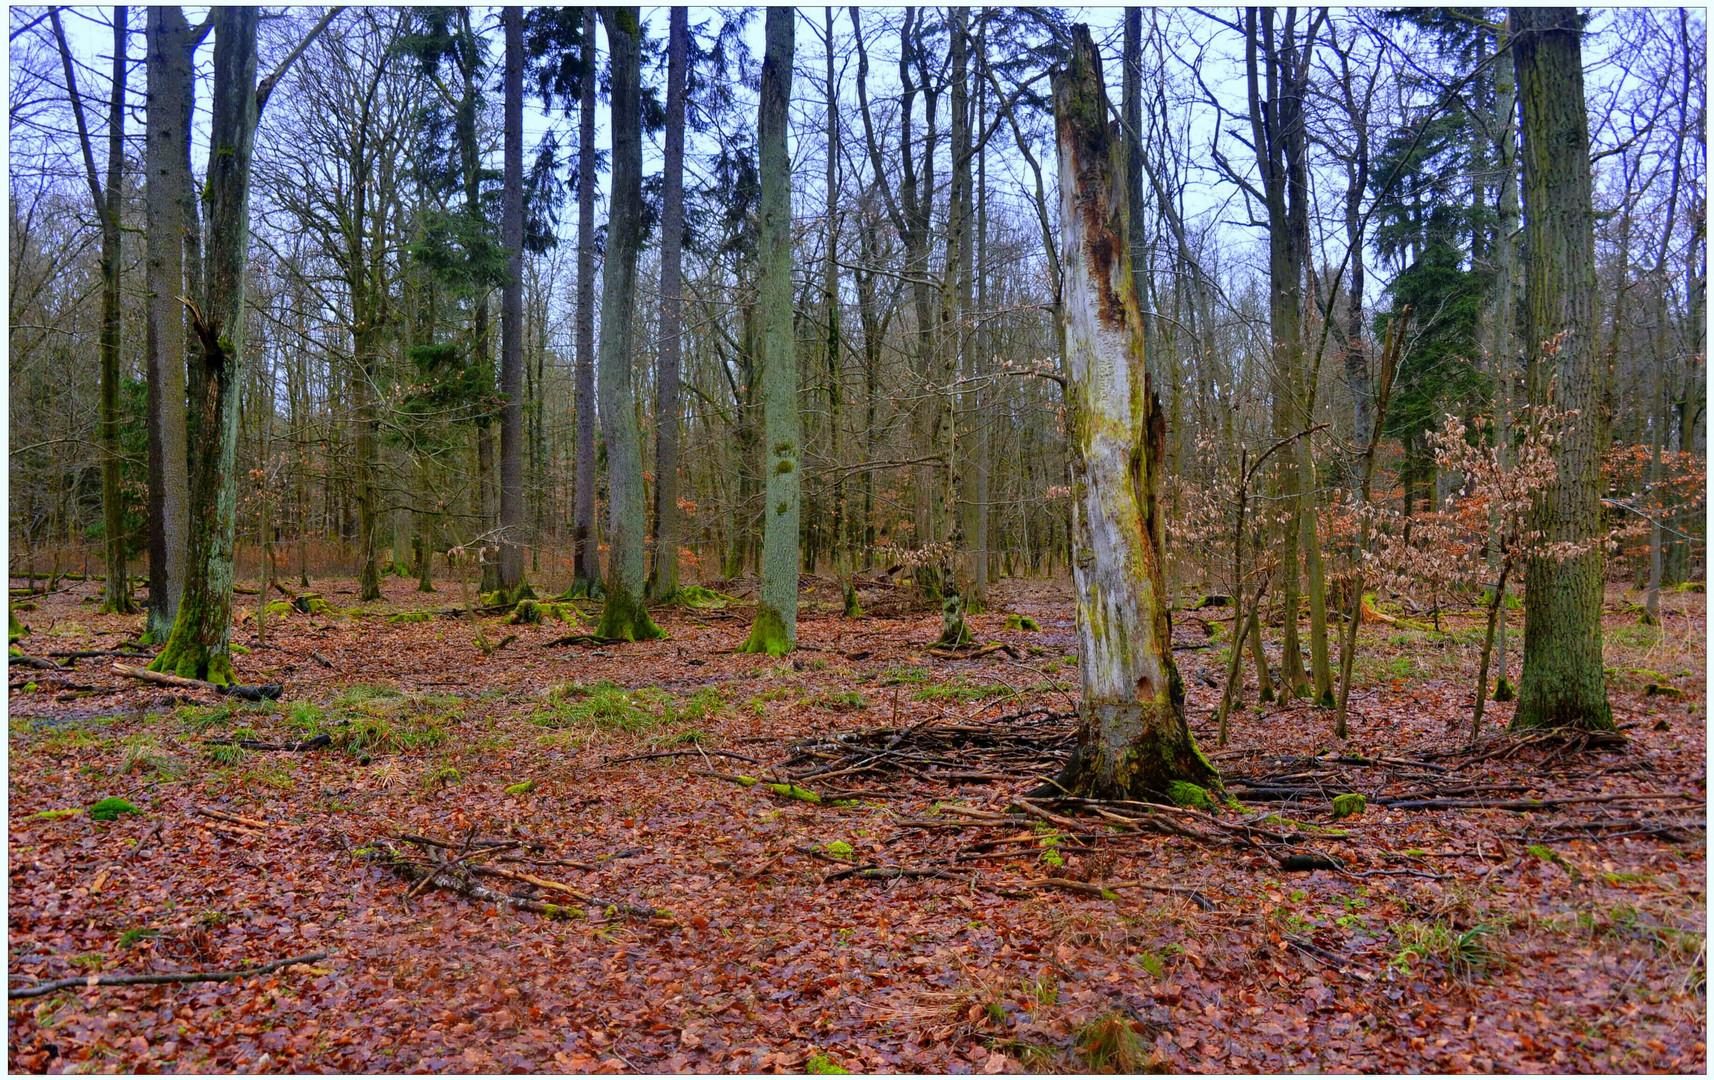 Tauwetter im Wald II (deshielo en el bosque II)